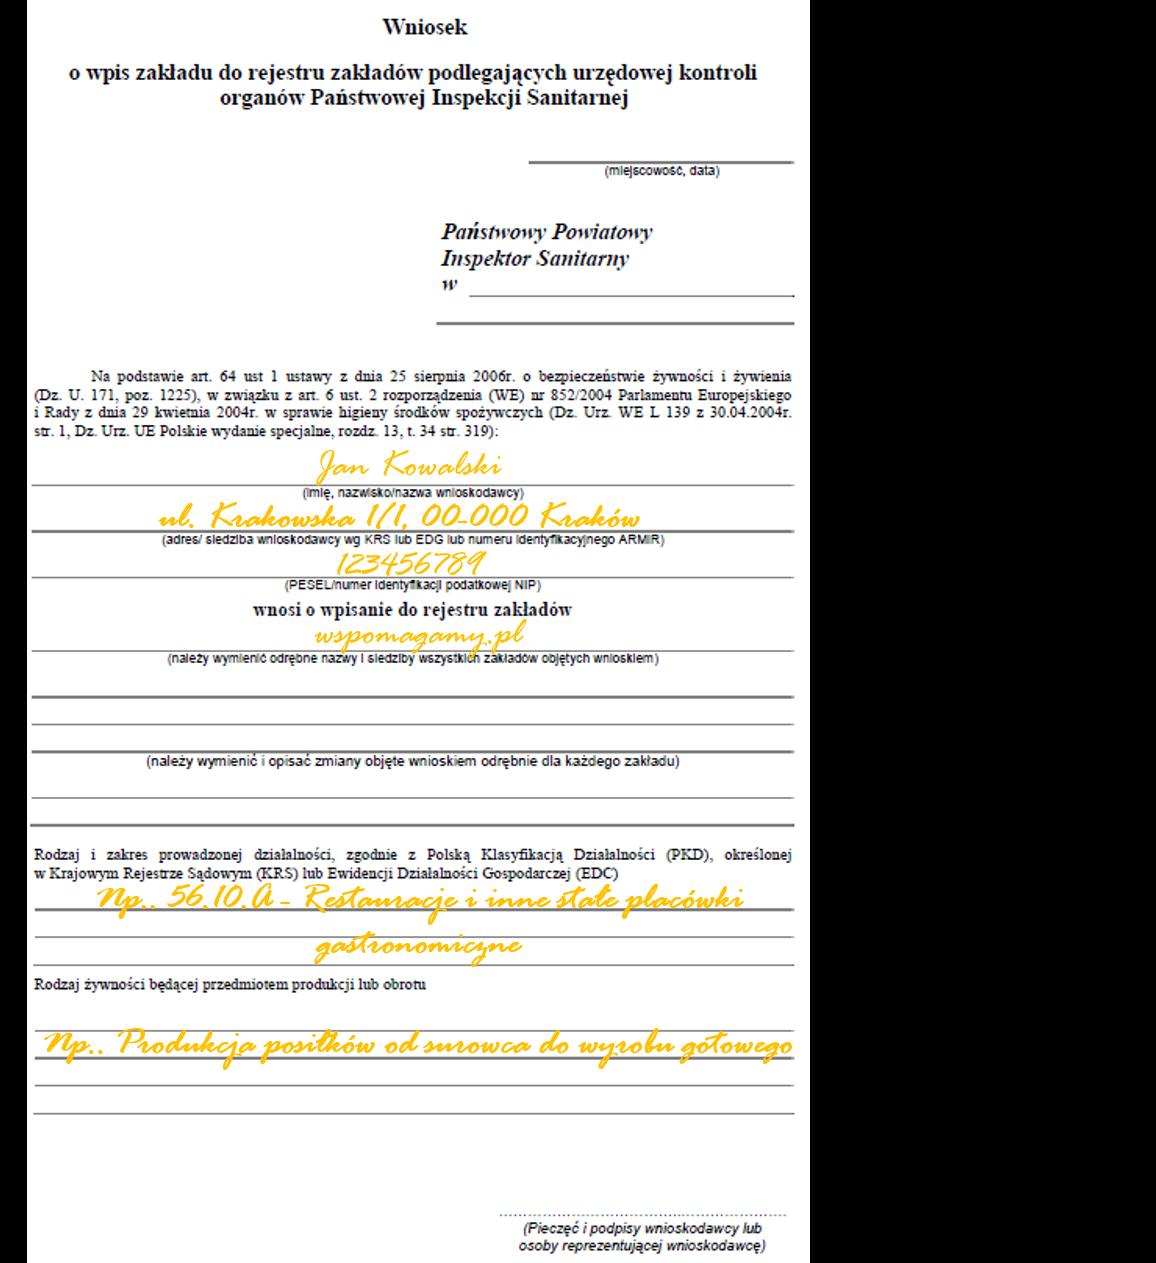 Modish Jak wypełnić wniosek do SANEPIDU? - Pomagamy przejść kontrolę sanepid RM77